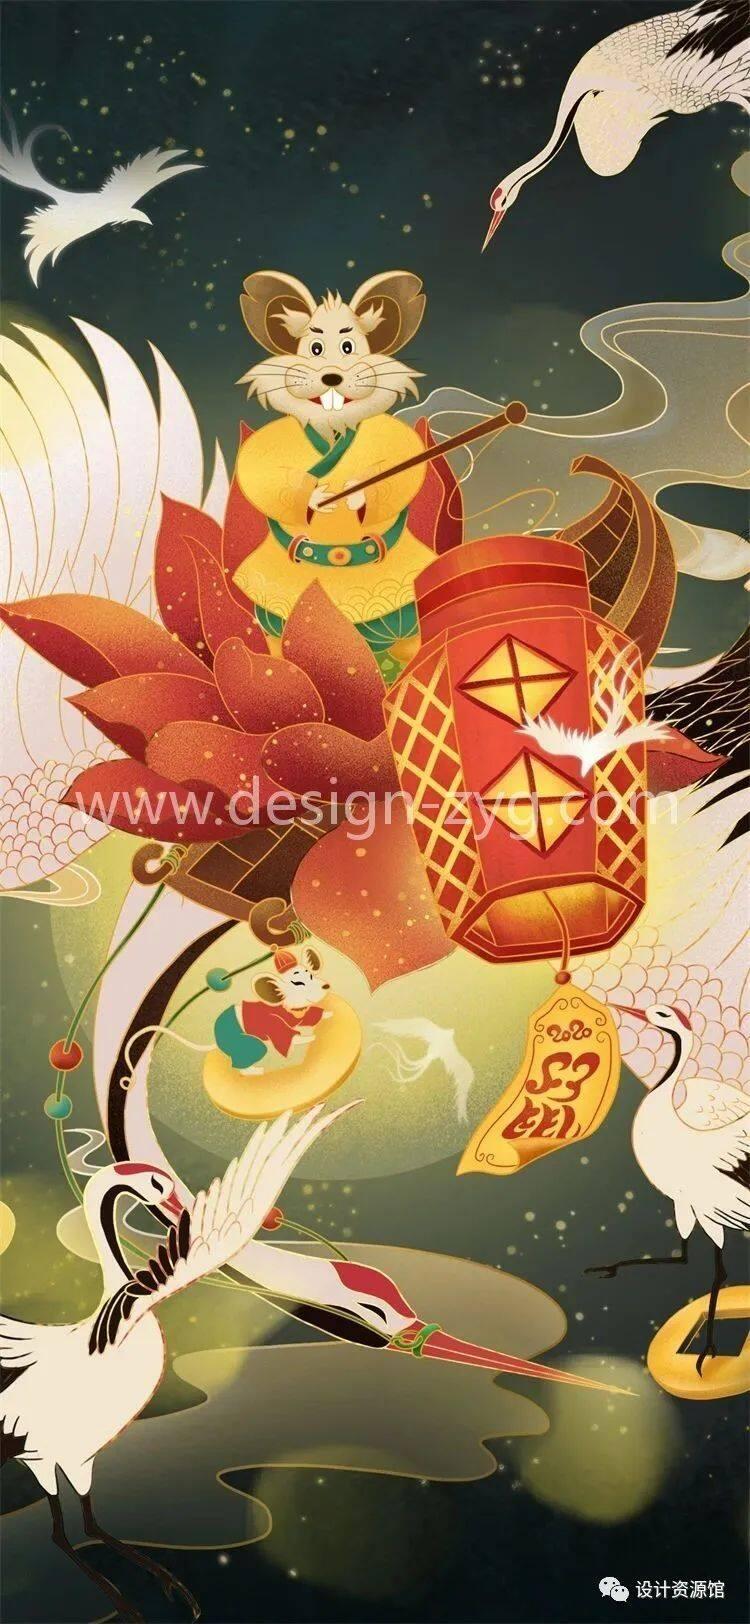 中国风合集 中国传统纹样锦集+中国风精美潮流插画+精美纸质纹理素材【712期】插图16